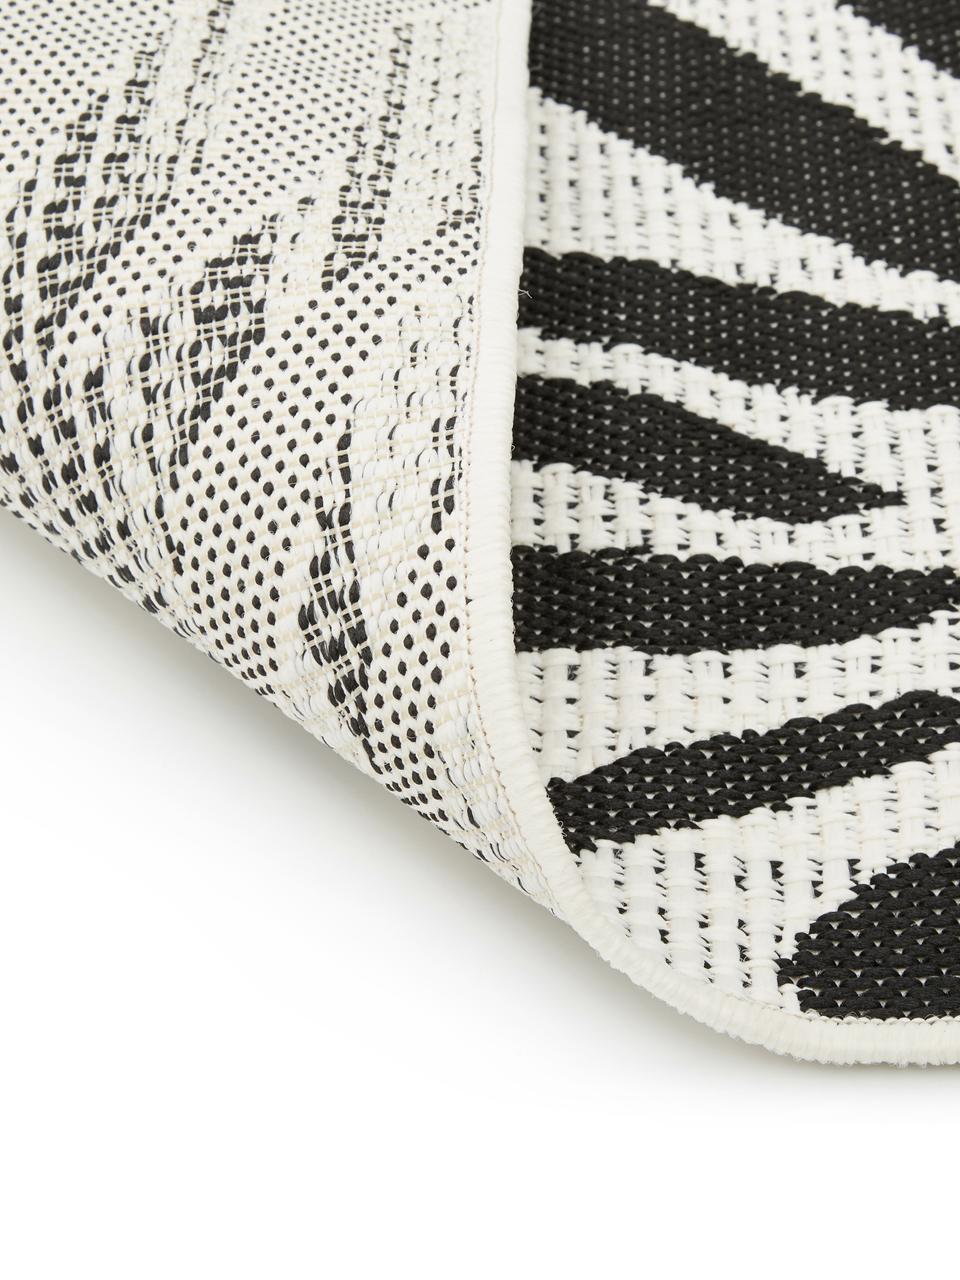 In- & Outdoor-Teppich Exotic mit Zebra Print, 86% Polypropylen, 14% Polyester, Cremeweiß, Schwarz, B 160 x L 230 cm (Größe M)